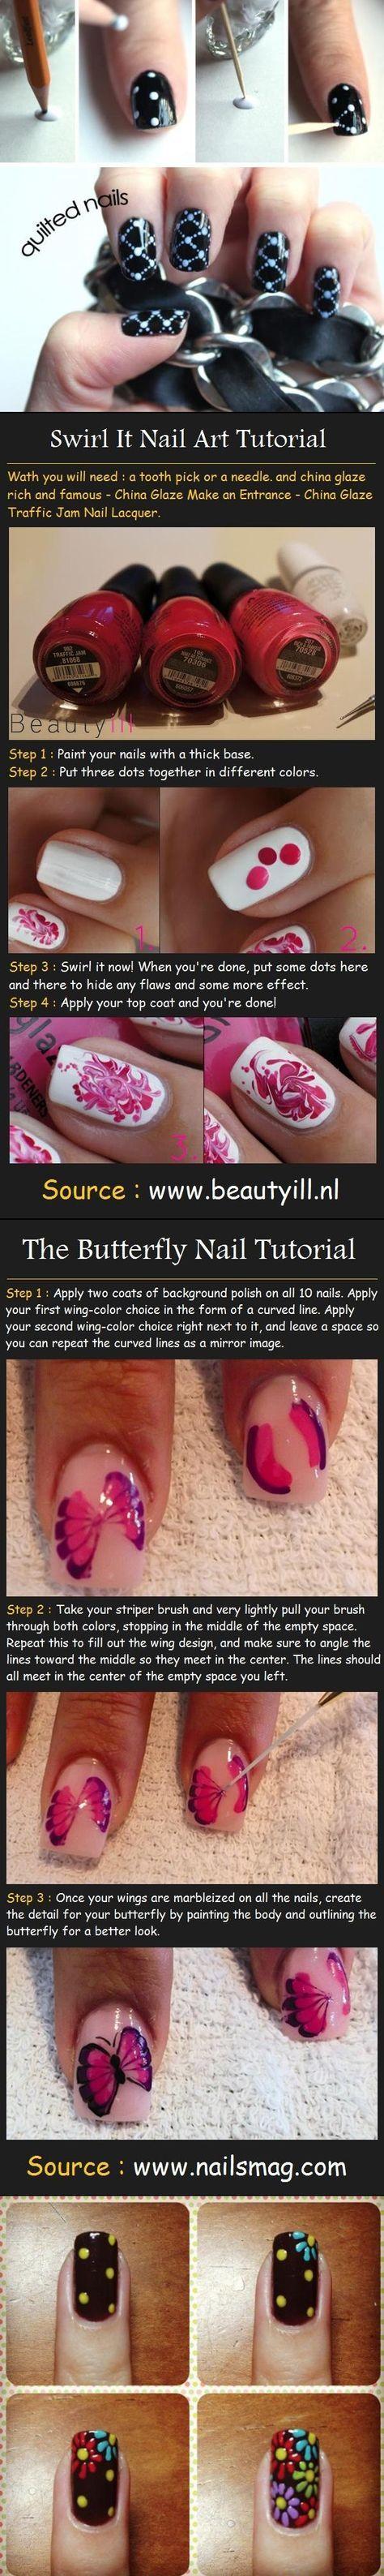 Nail Art Designs I love | Girls nails, Amazing nails and Nail stuff